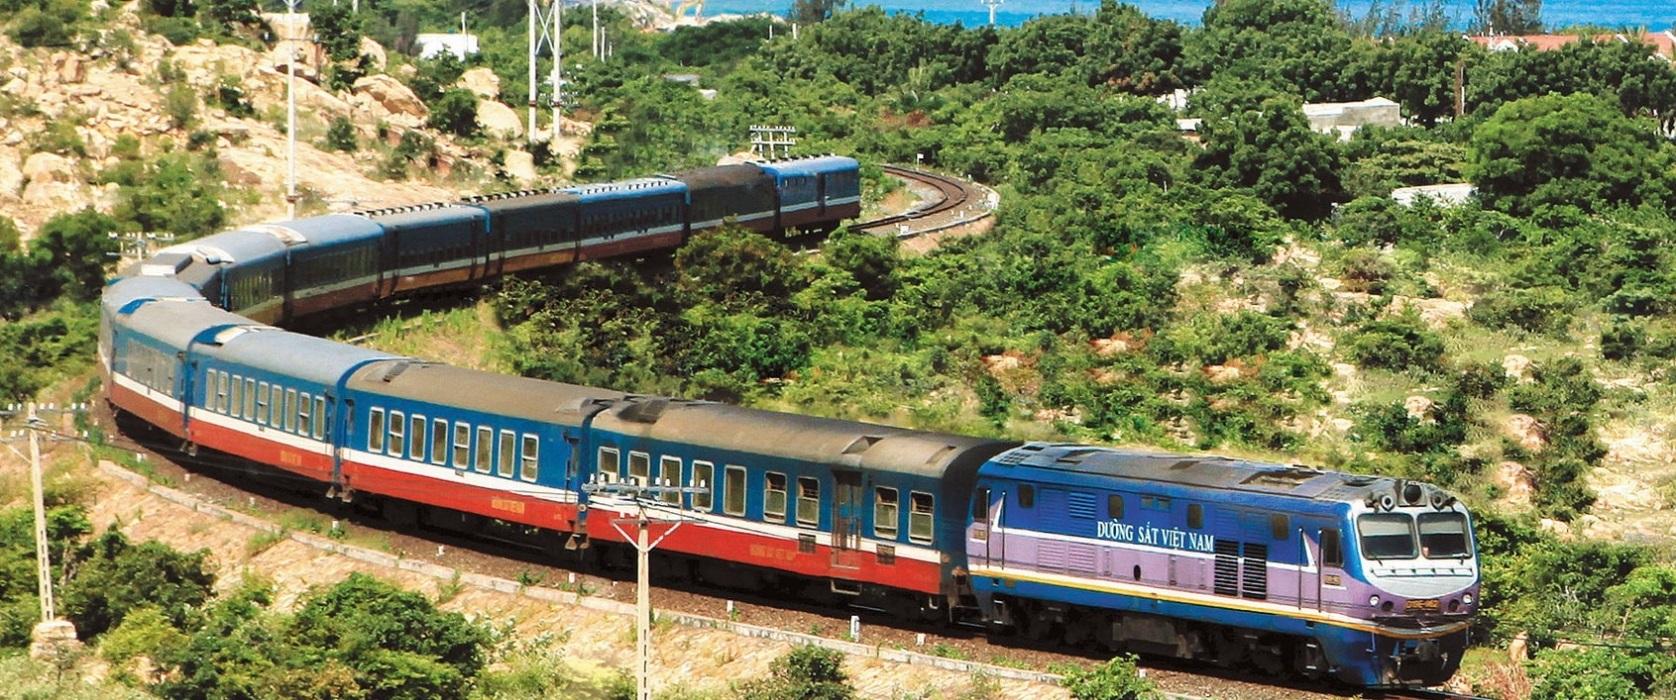 Di chuyển bằng tàu hỏa đến Lào Cai